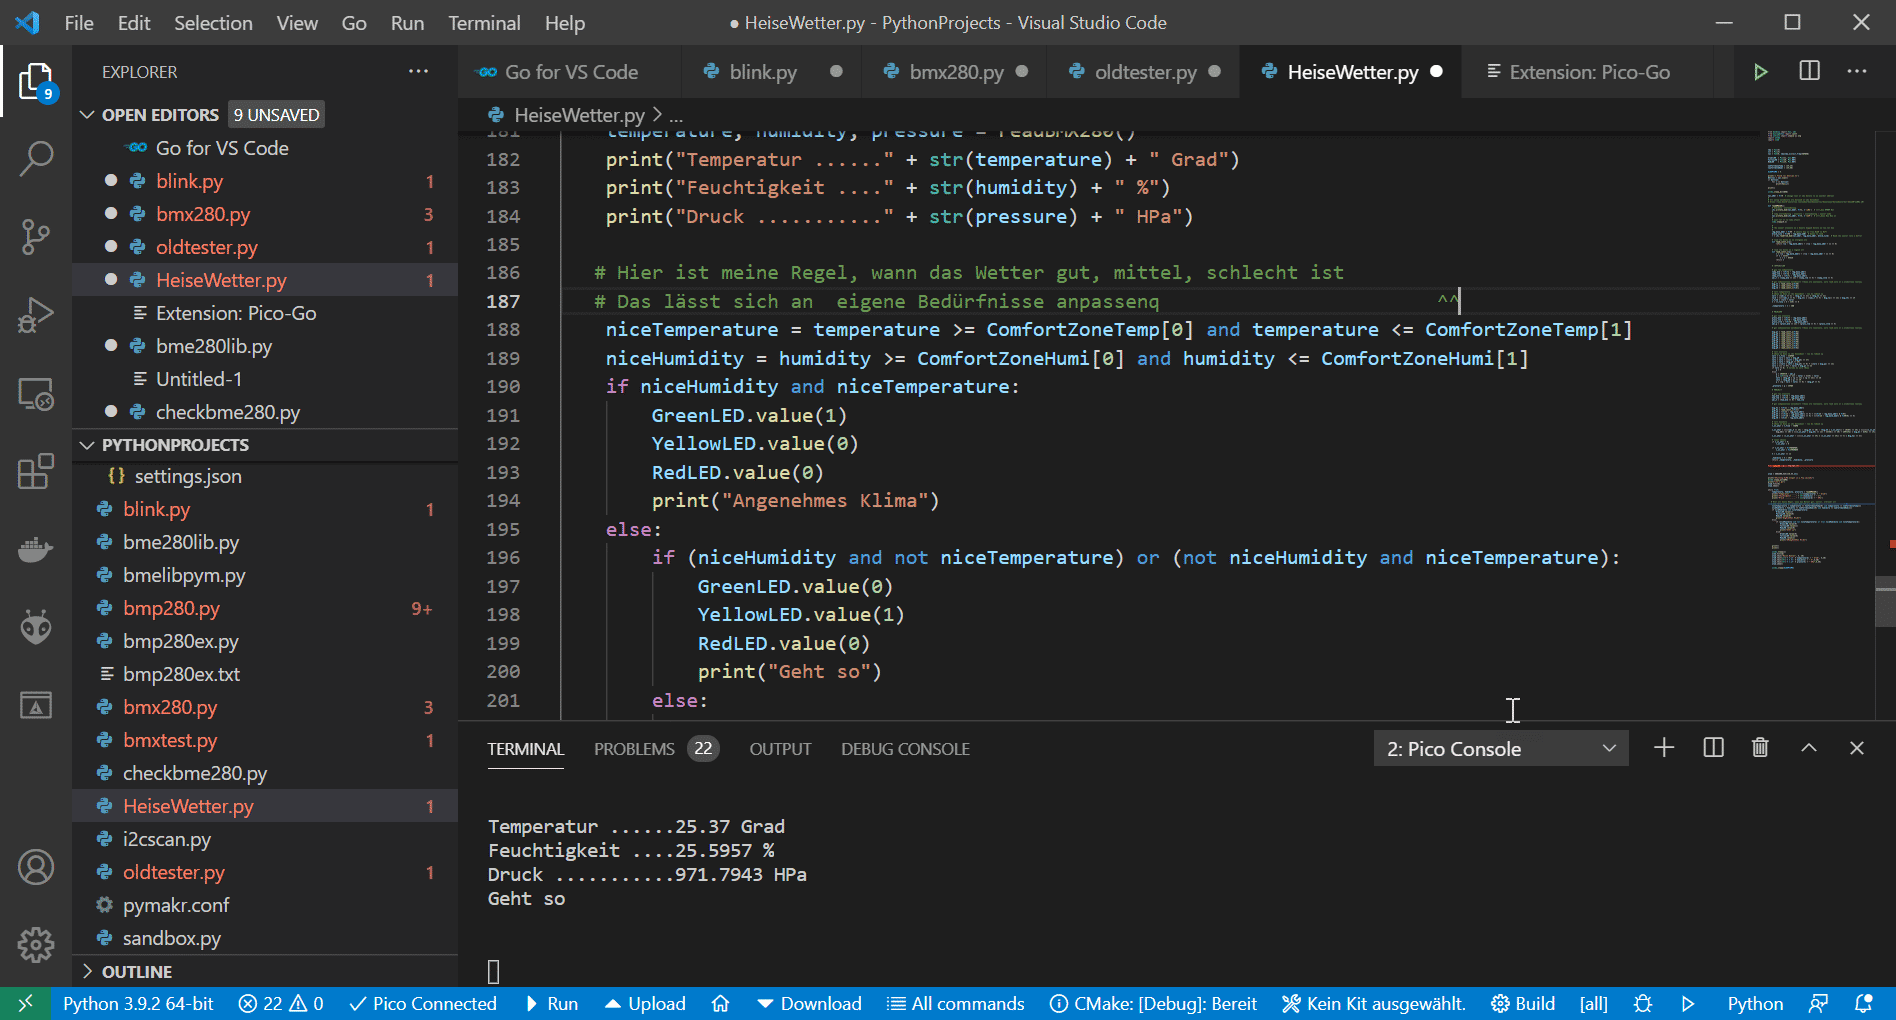 Die Extension Pico-Go hilft bei der MicroPython-Entwicklung für den Raspberry Pi Pico unter Visual Studio Code